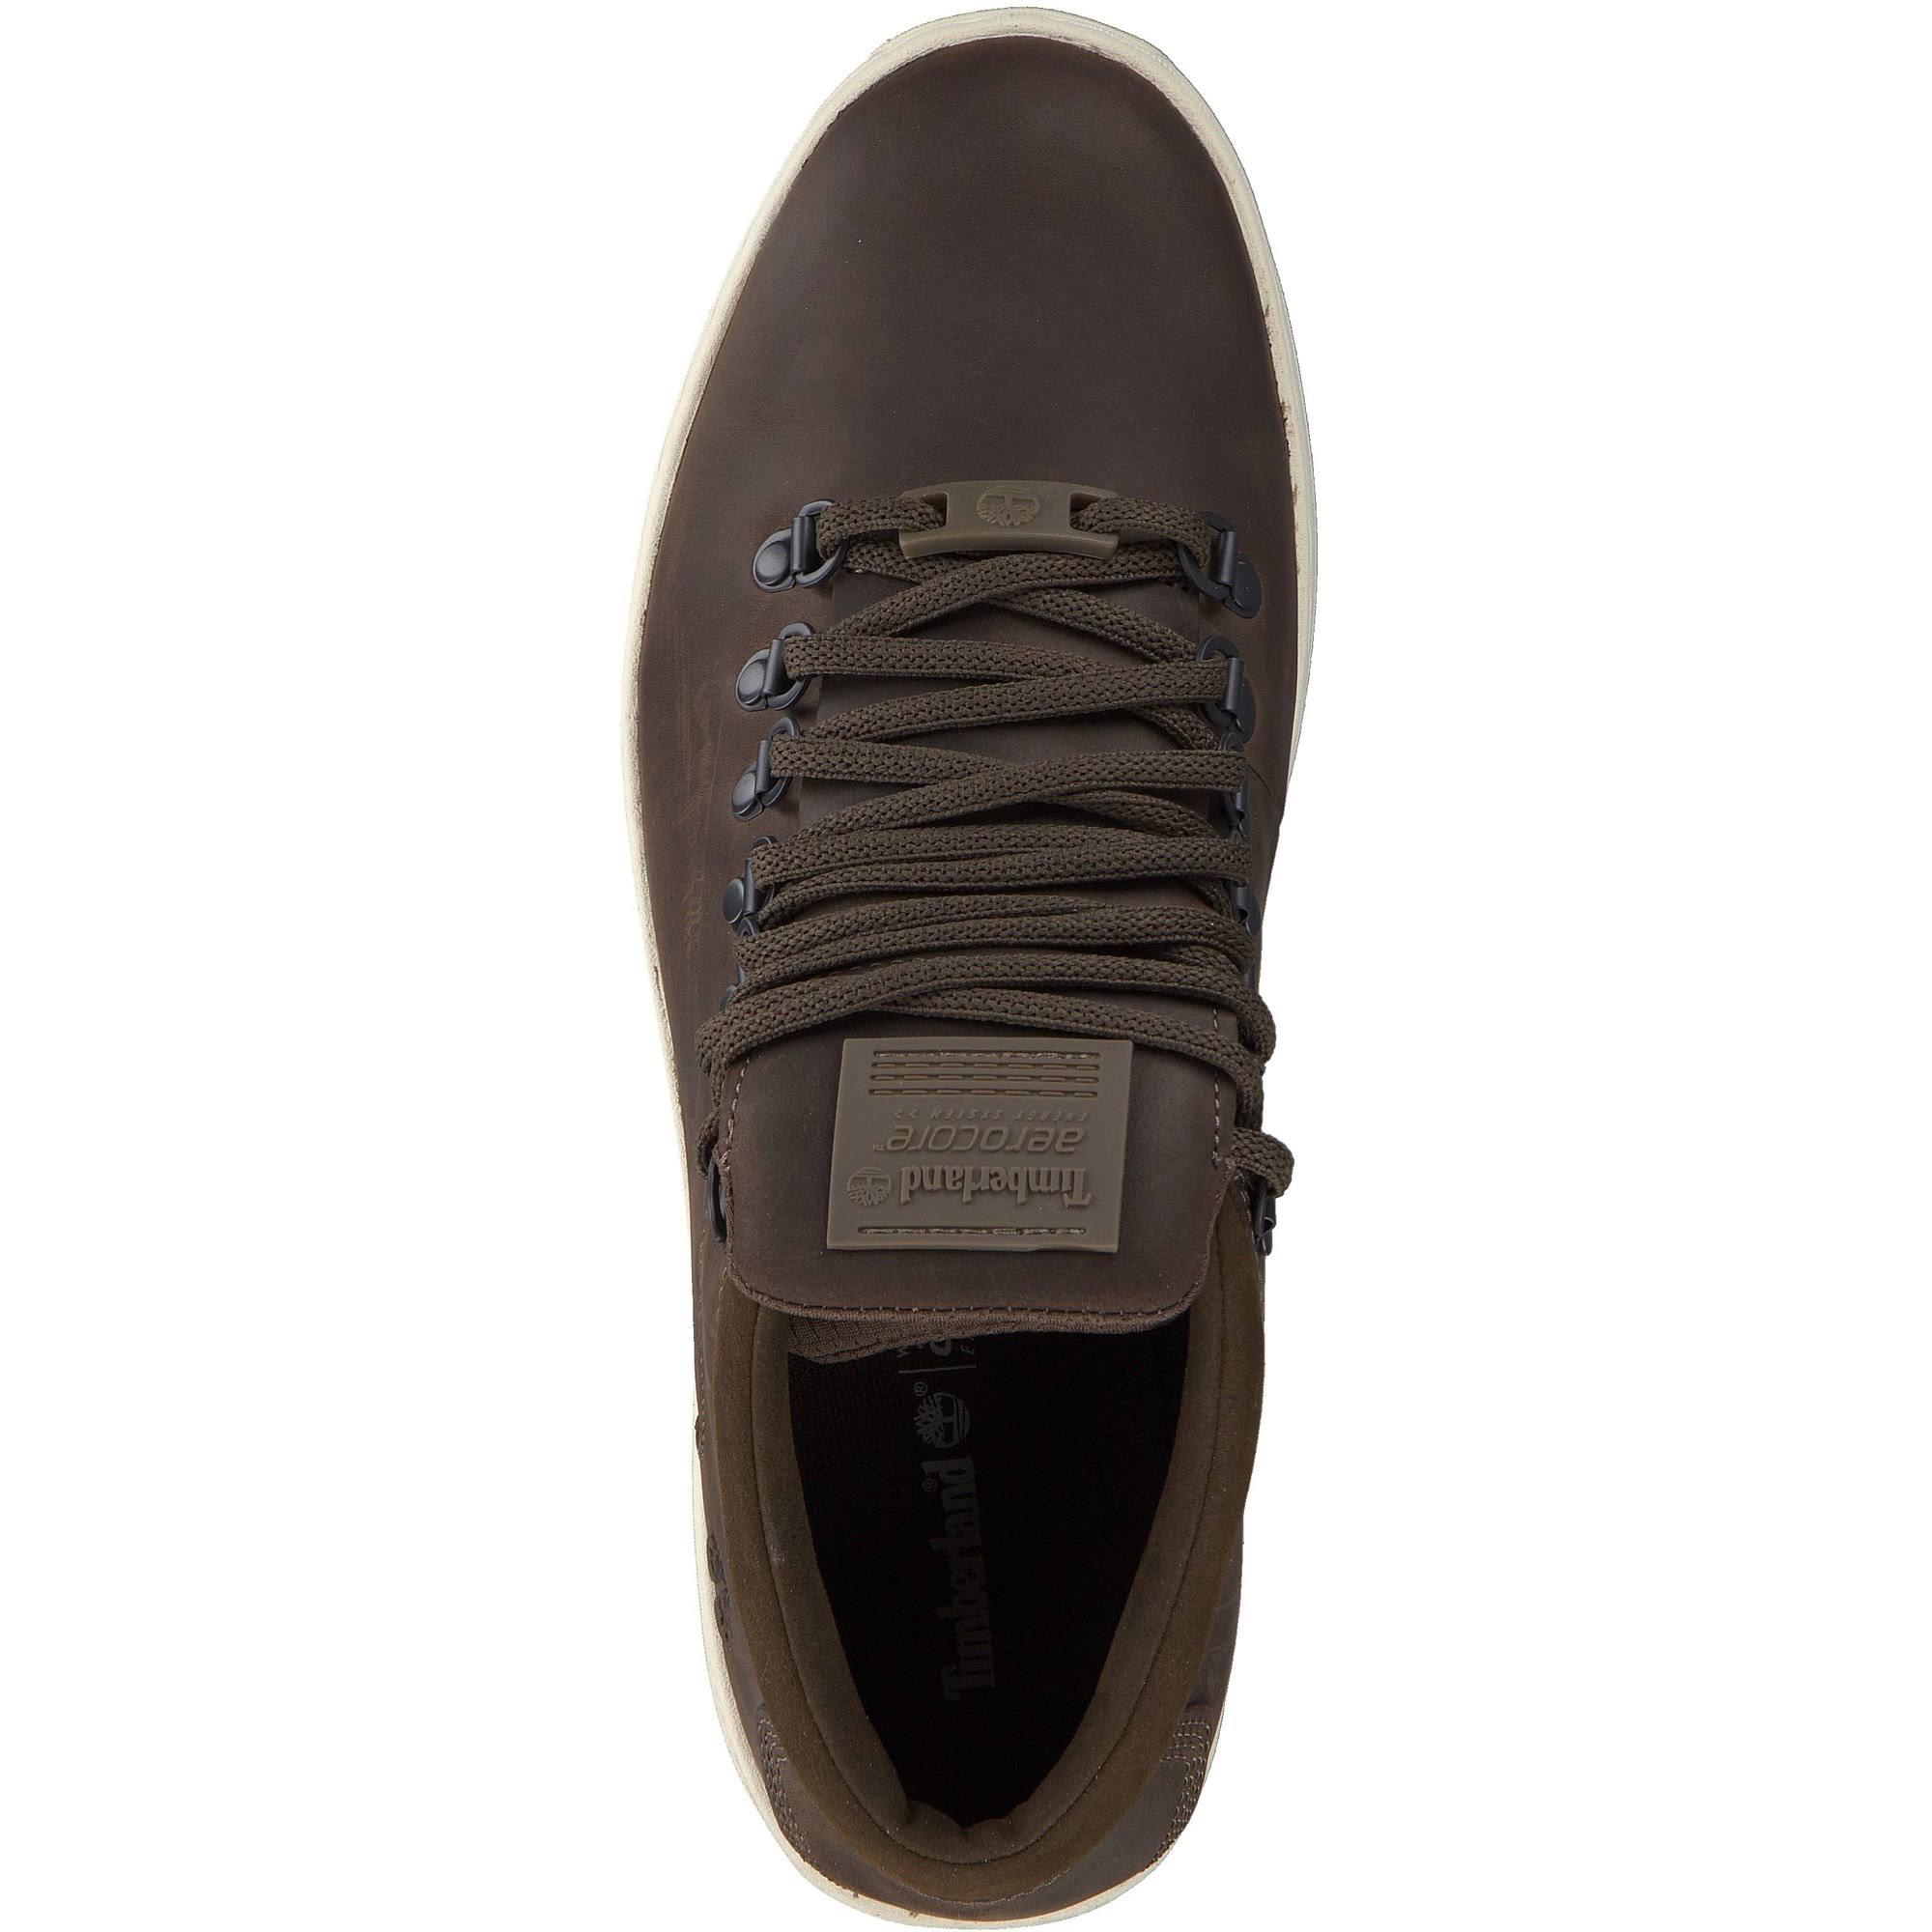 Alpine Cityroam Chukka Olive 45 Schuhe A1s6a Herren Timberland Canteen HtqT17W